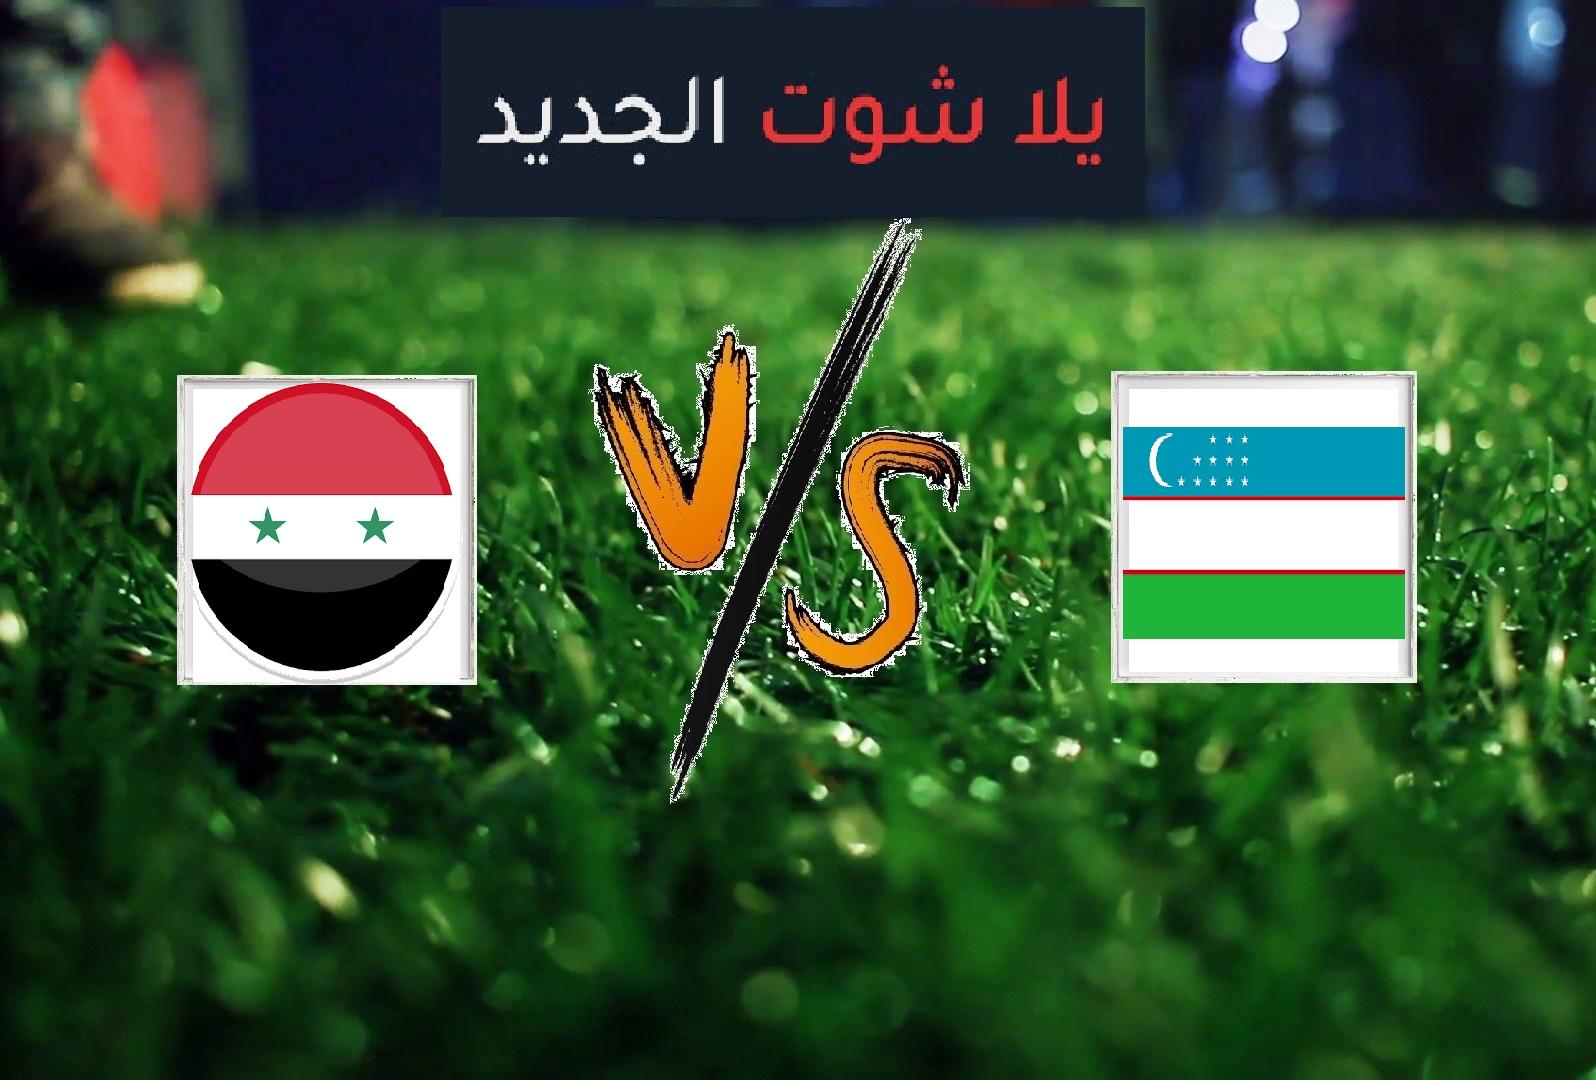 ملخص مباراة سوريا واوزبكستان اليوم الثلاثاء 11-06-2019 مباراة ودية